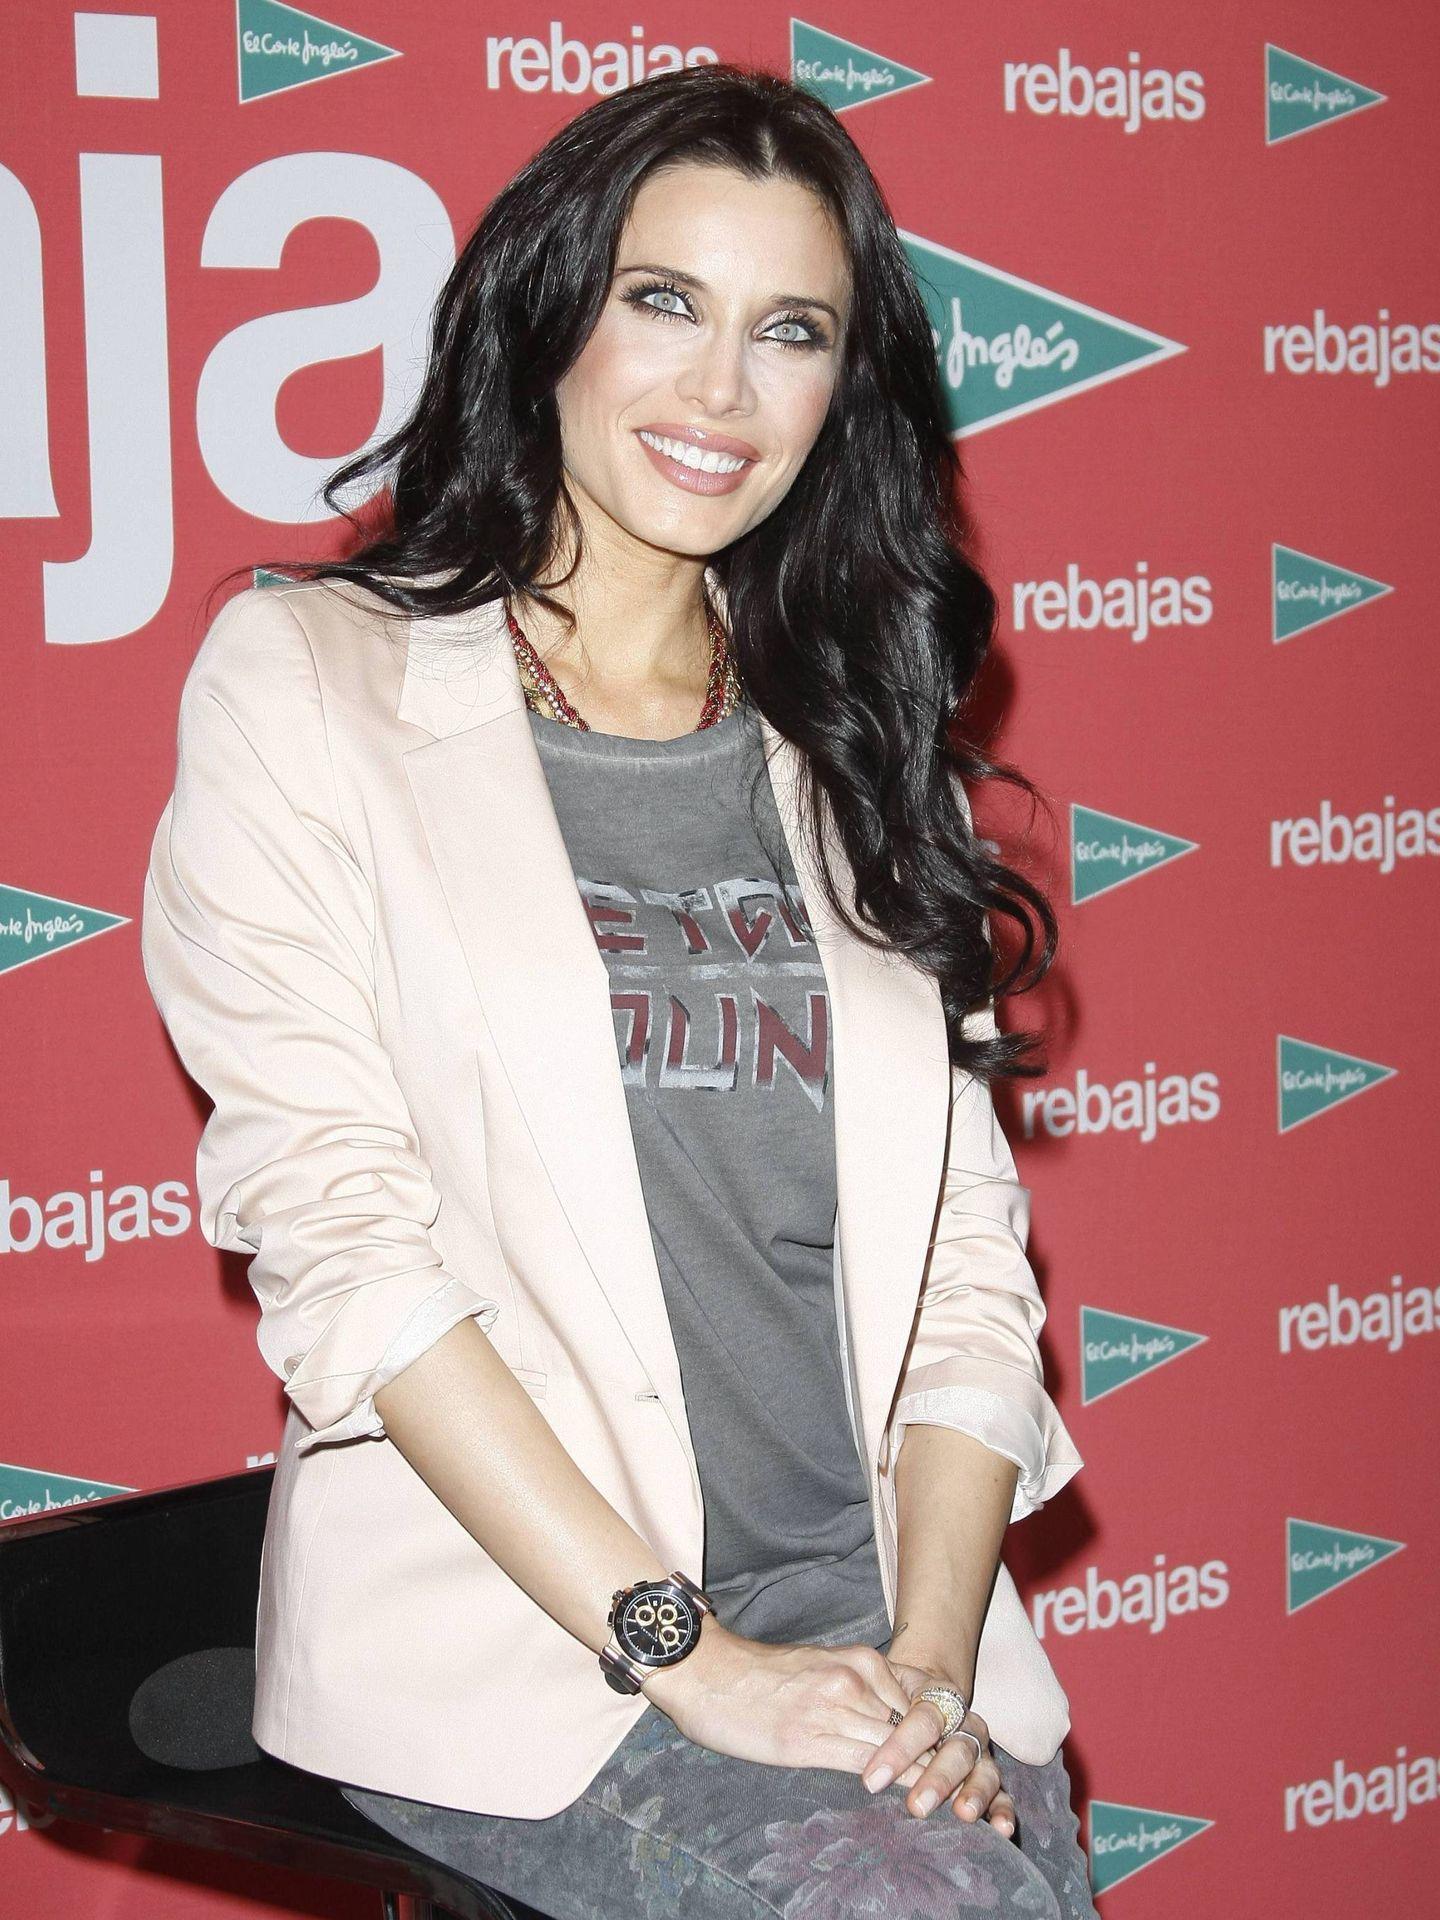 Pilar Rubio, imagen en las rebajas de El Corte Inglés.(Cordon Press)